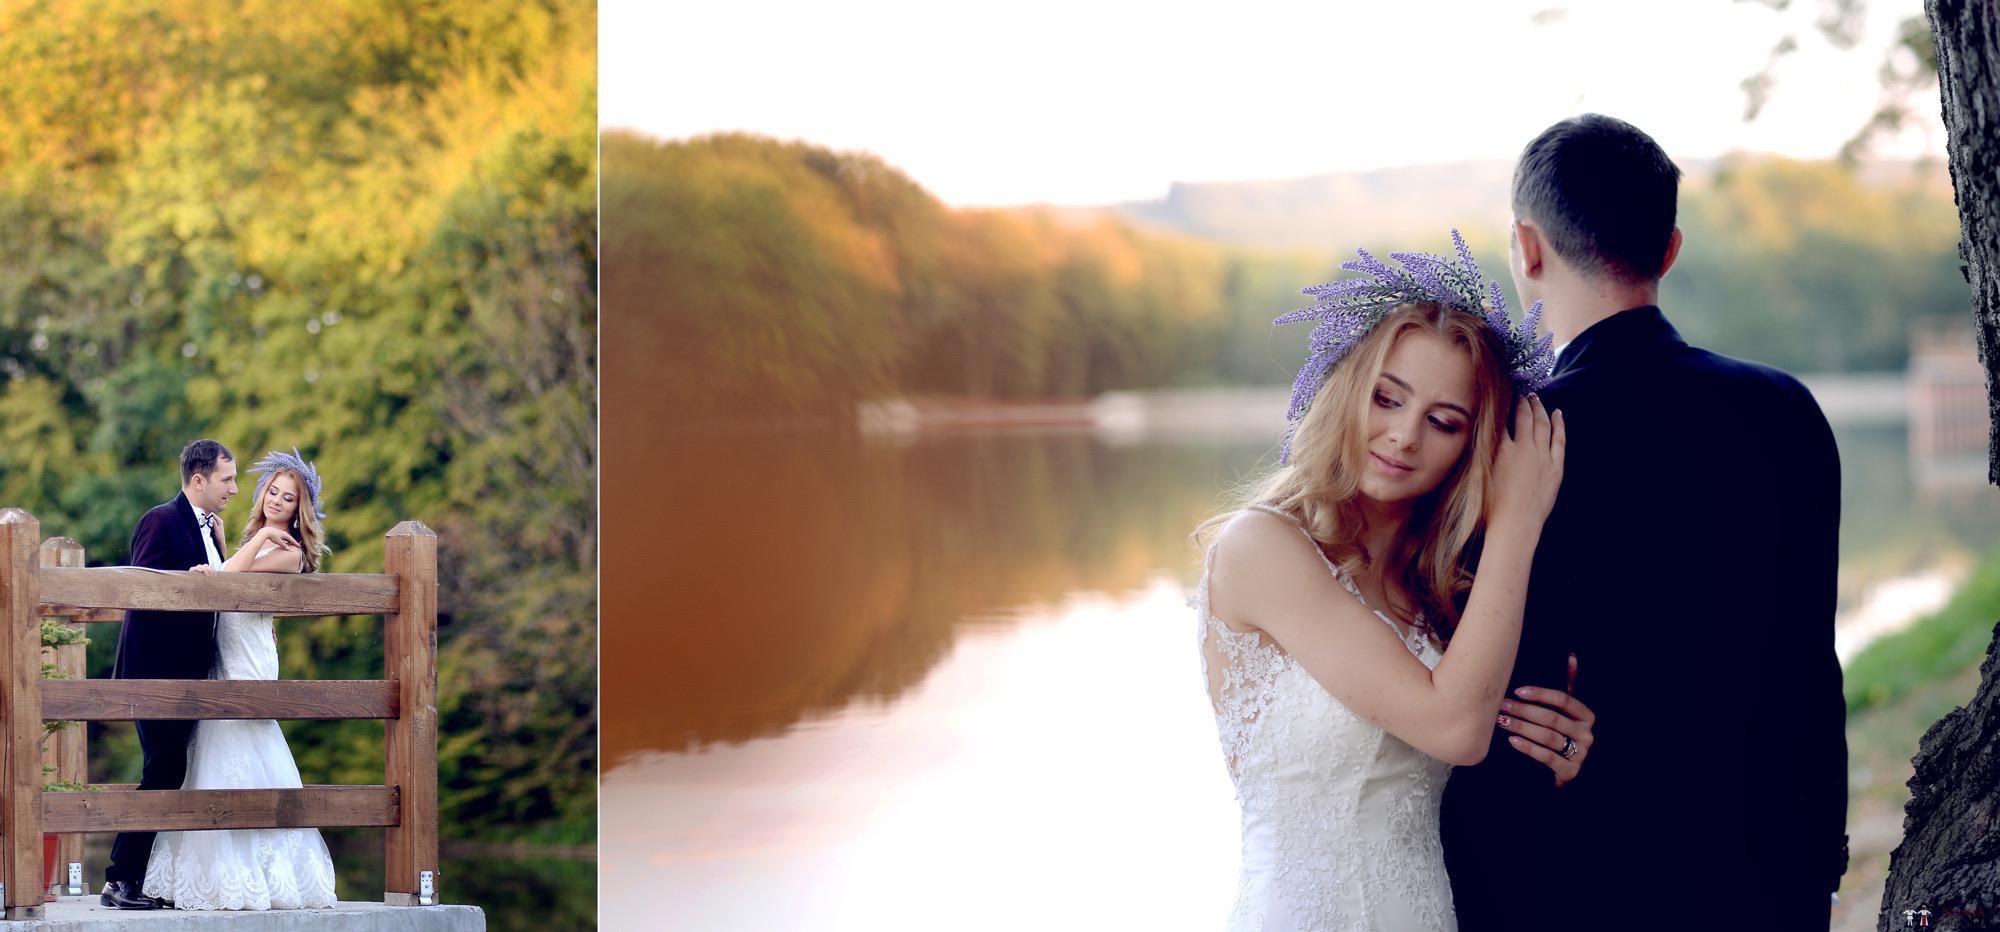 Povești Nunți Tradiționale - Iulia și Andrei. Nuntă tradițională în Bucovina. 87